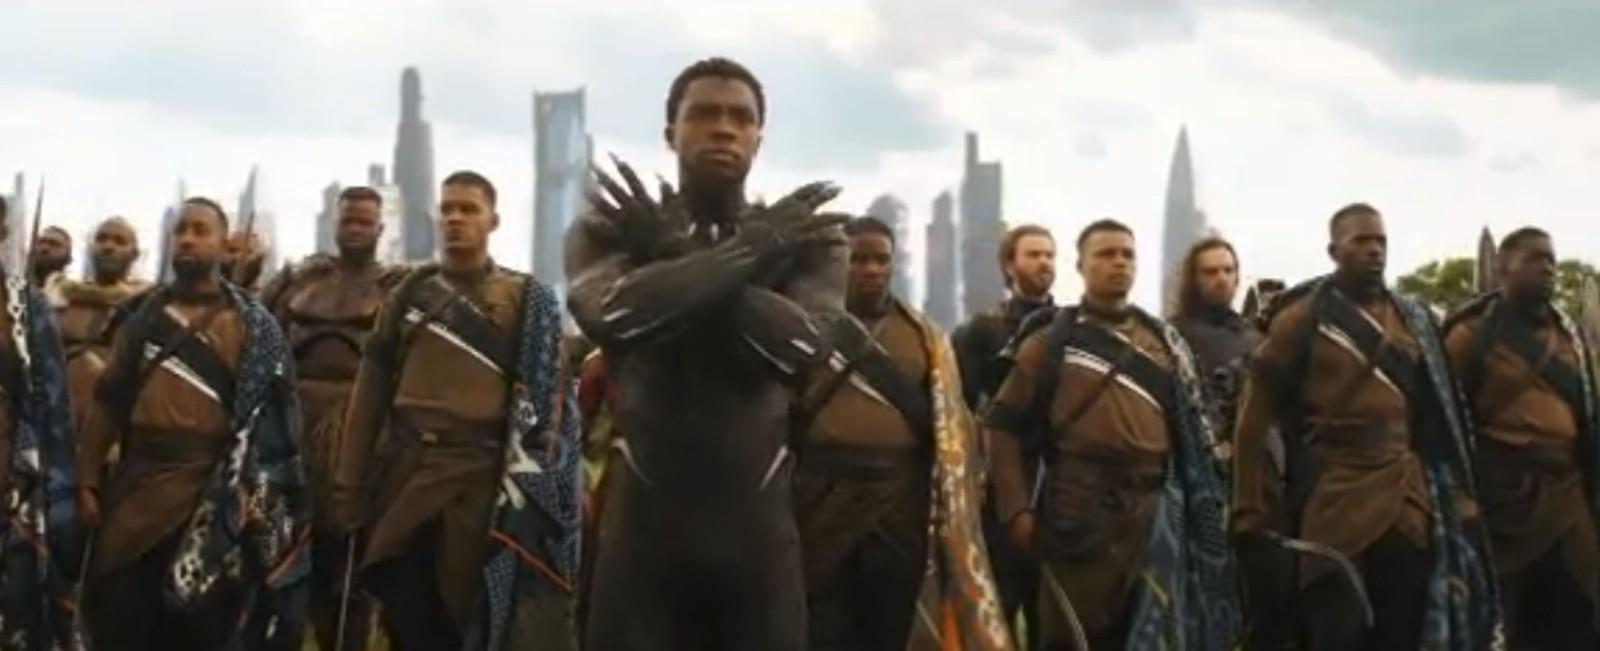 漫威创首批中国超级英雄,为了角色多样性,还是为了在中国市场赚钱?_图1-16